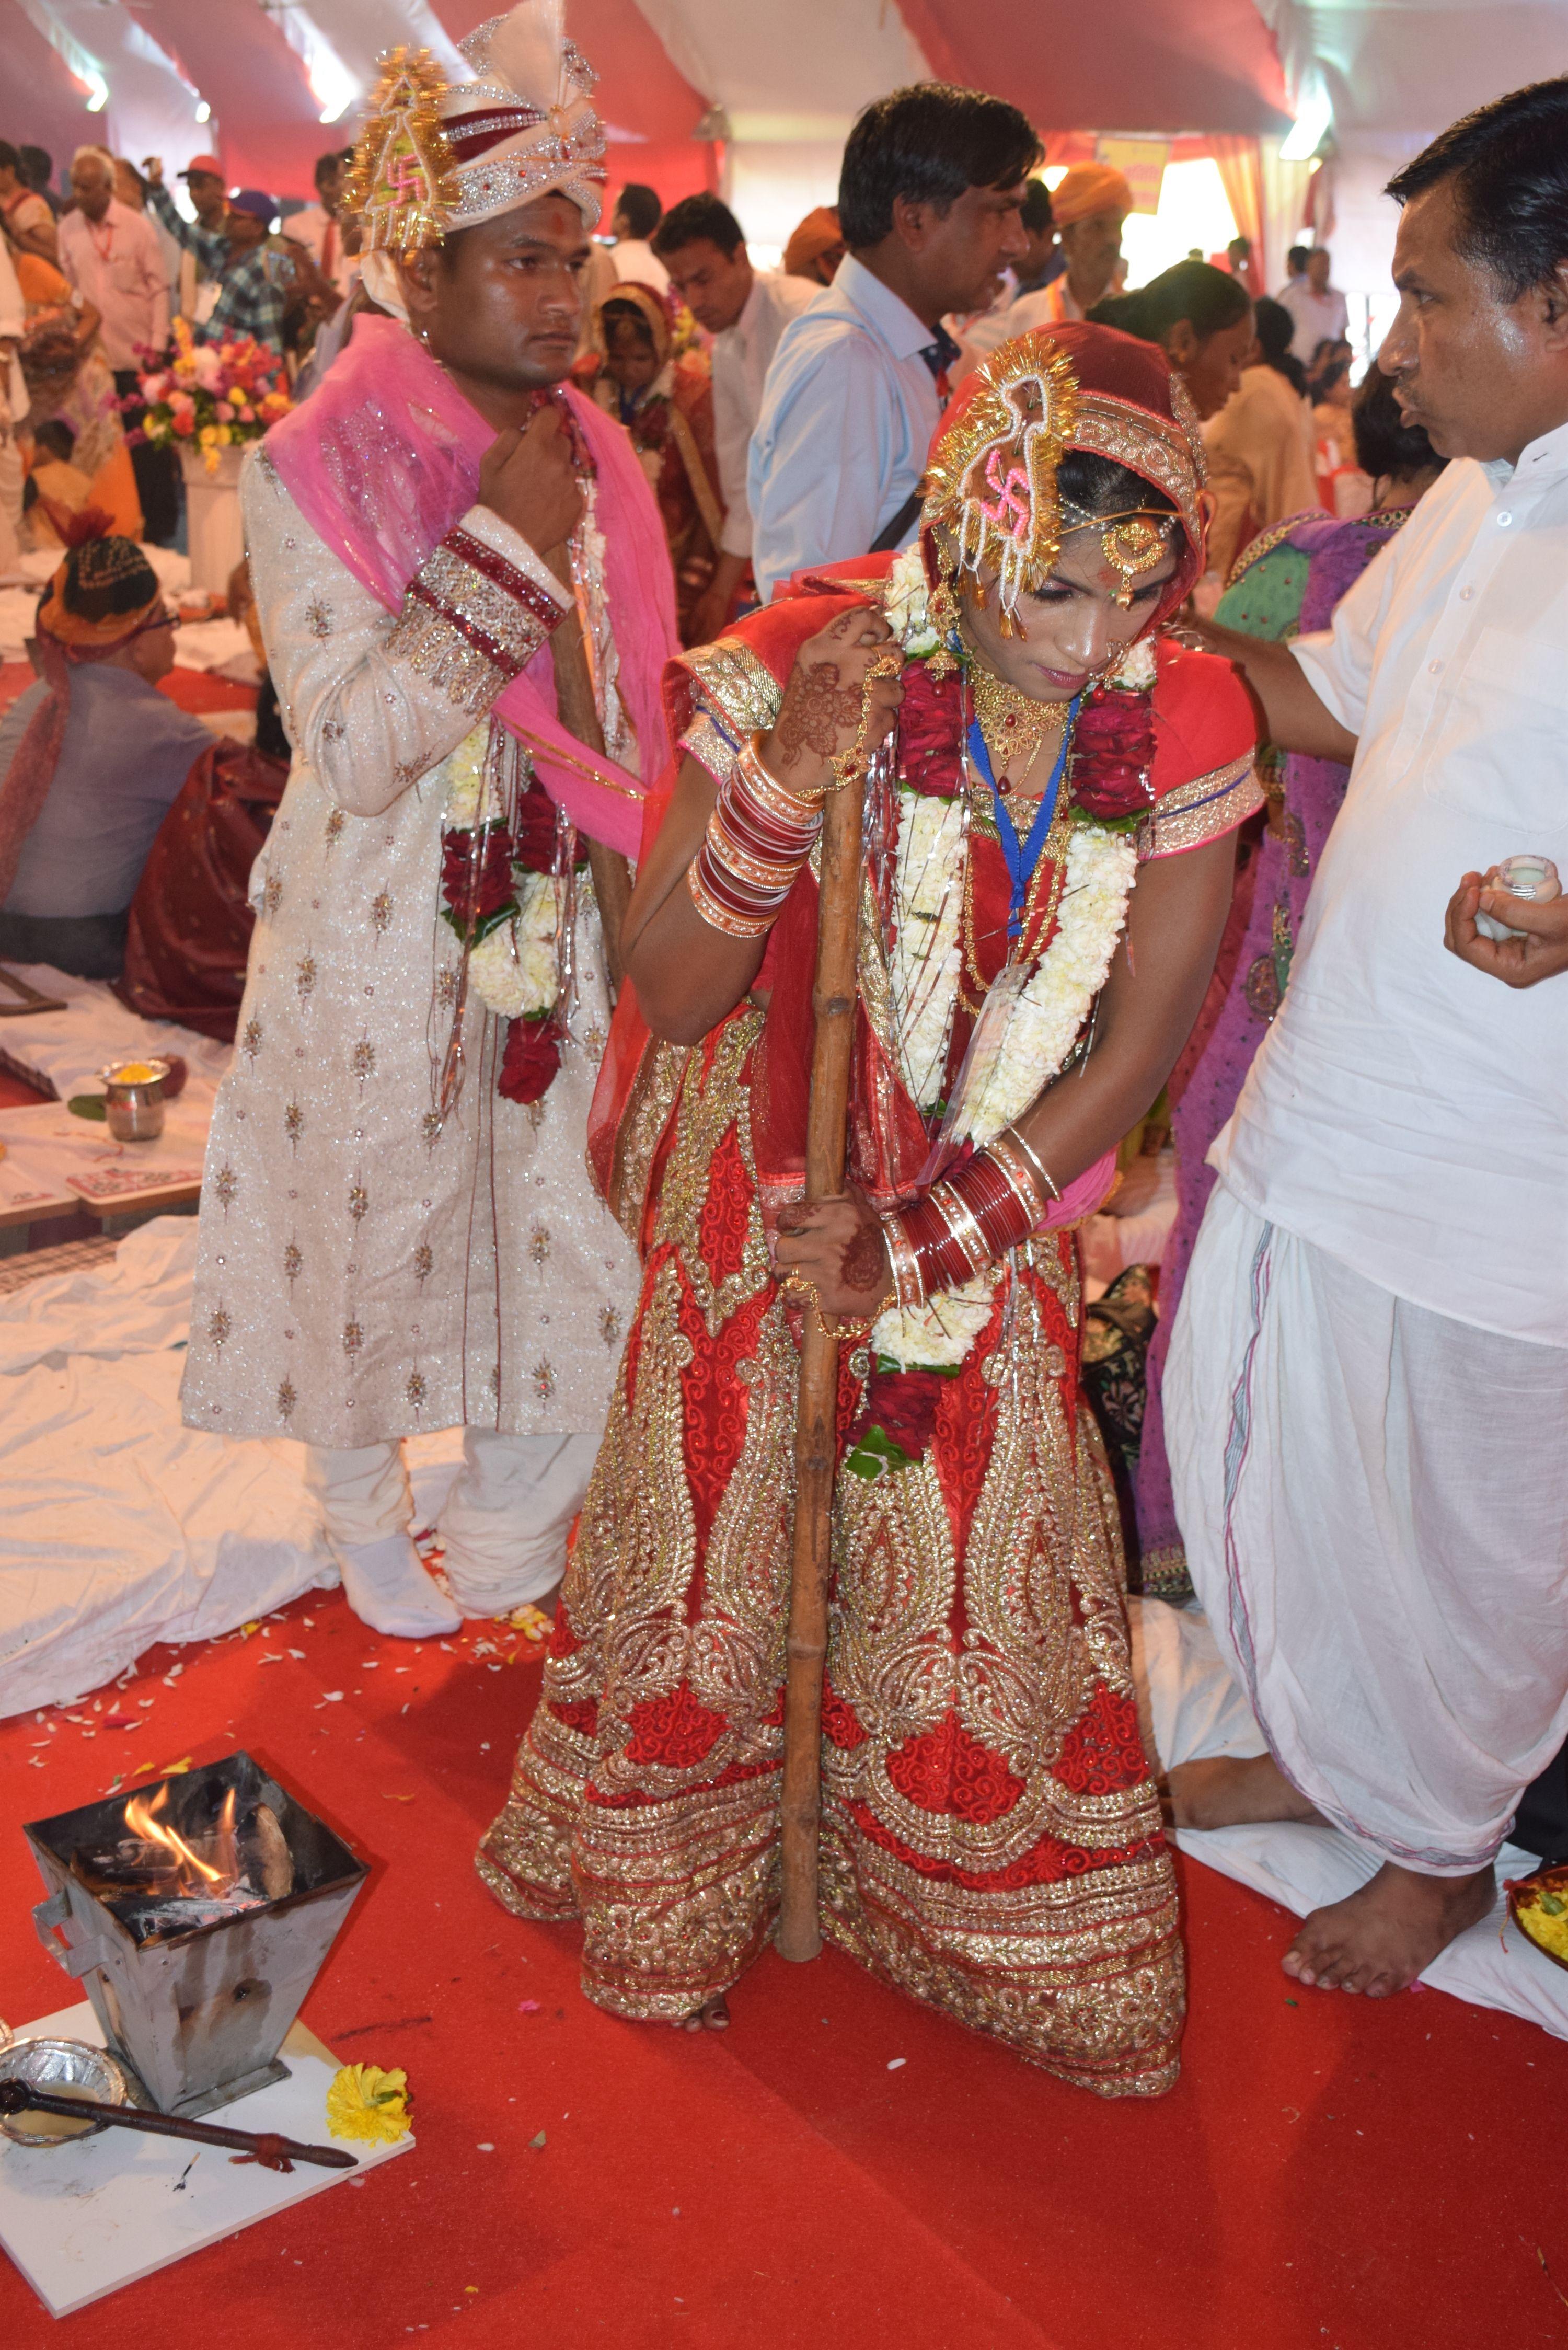 52 जोड़े पारम्परिक रस्मो रिवाज से सात जन्मों के बंधन में बंधे...31वां नि:शुल्क दिव्यांग एवं निर्धन सामूहिक विवाह